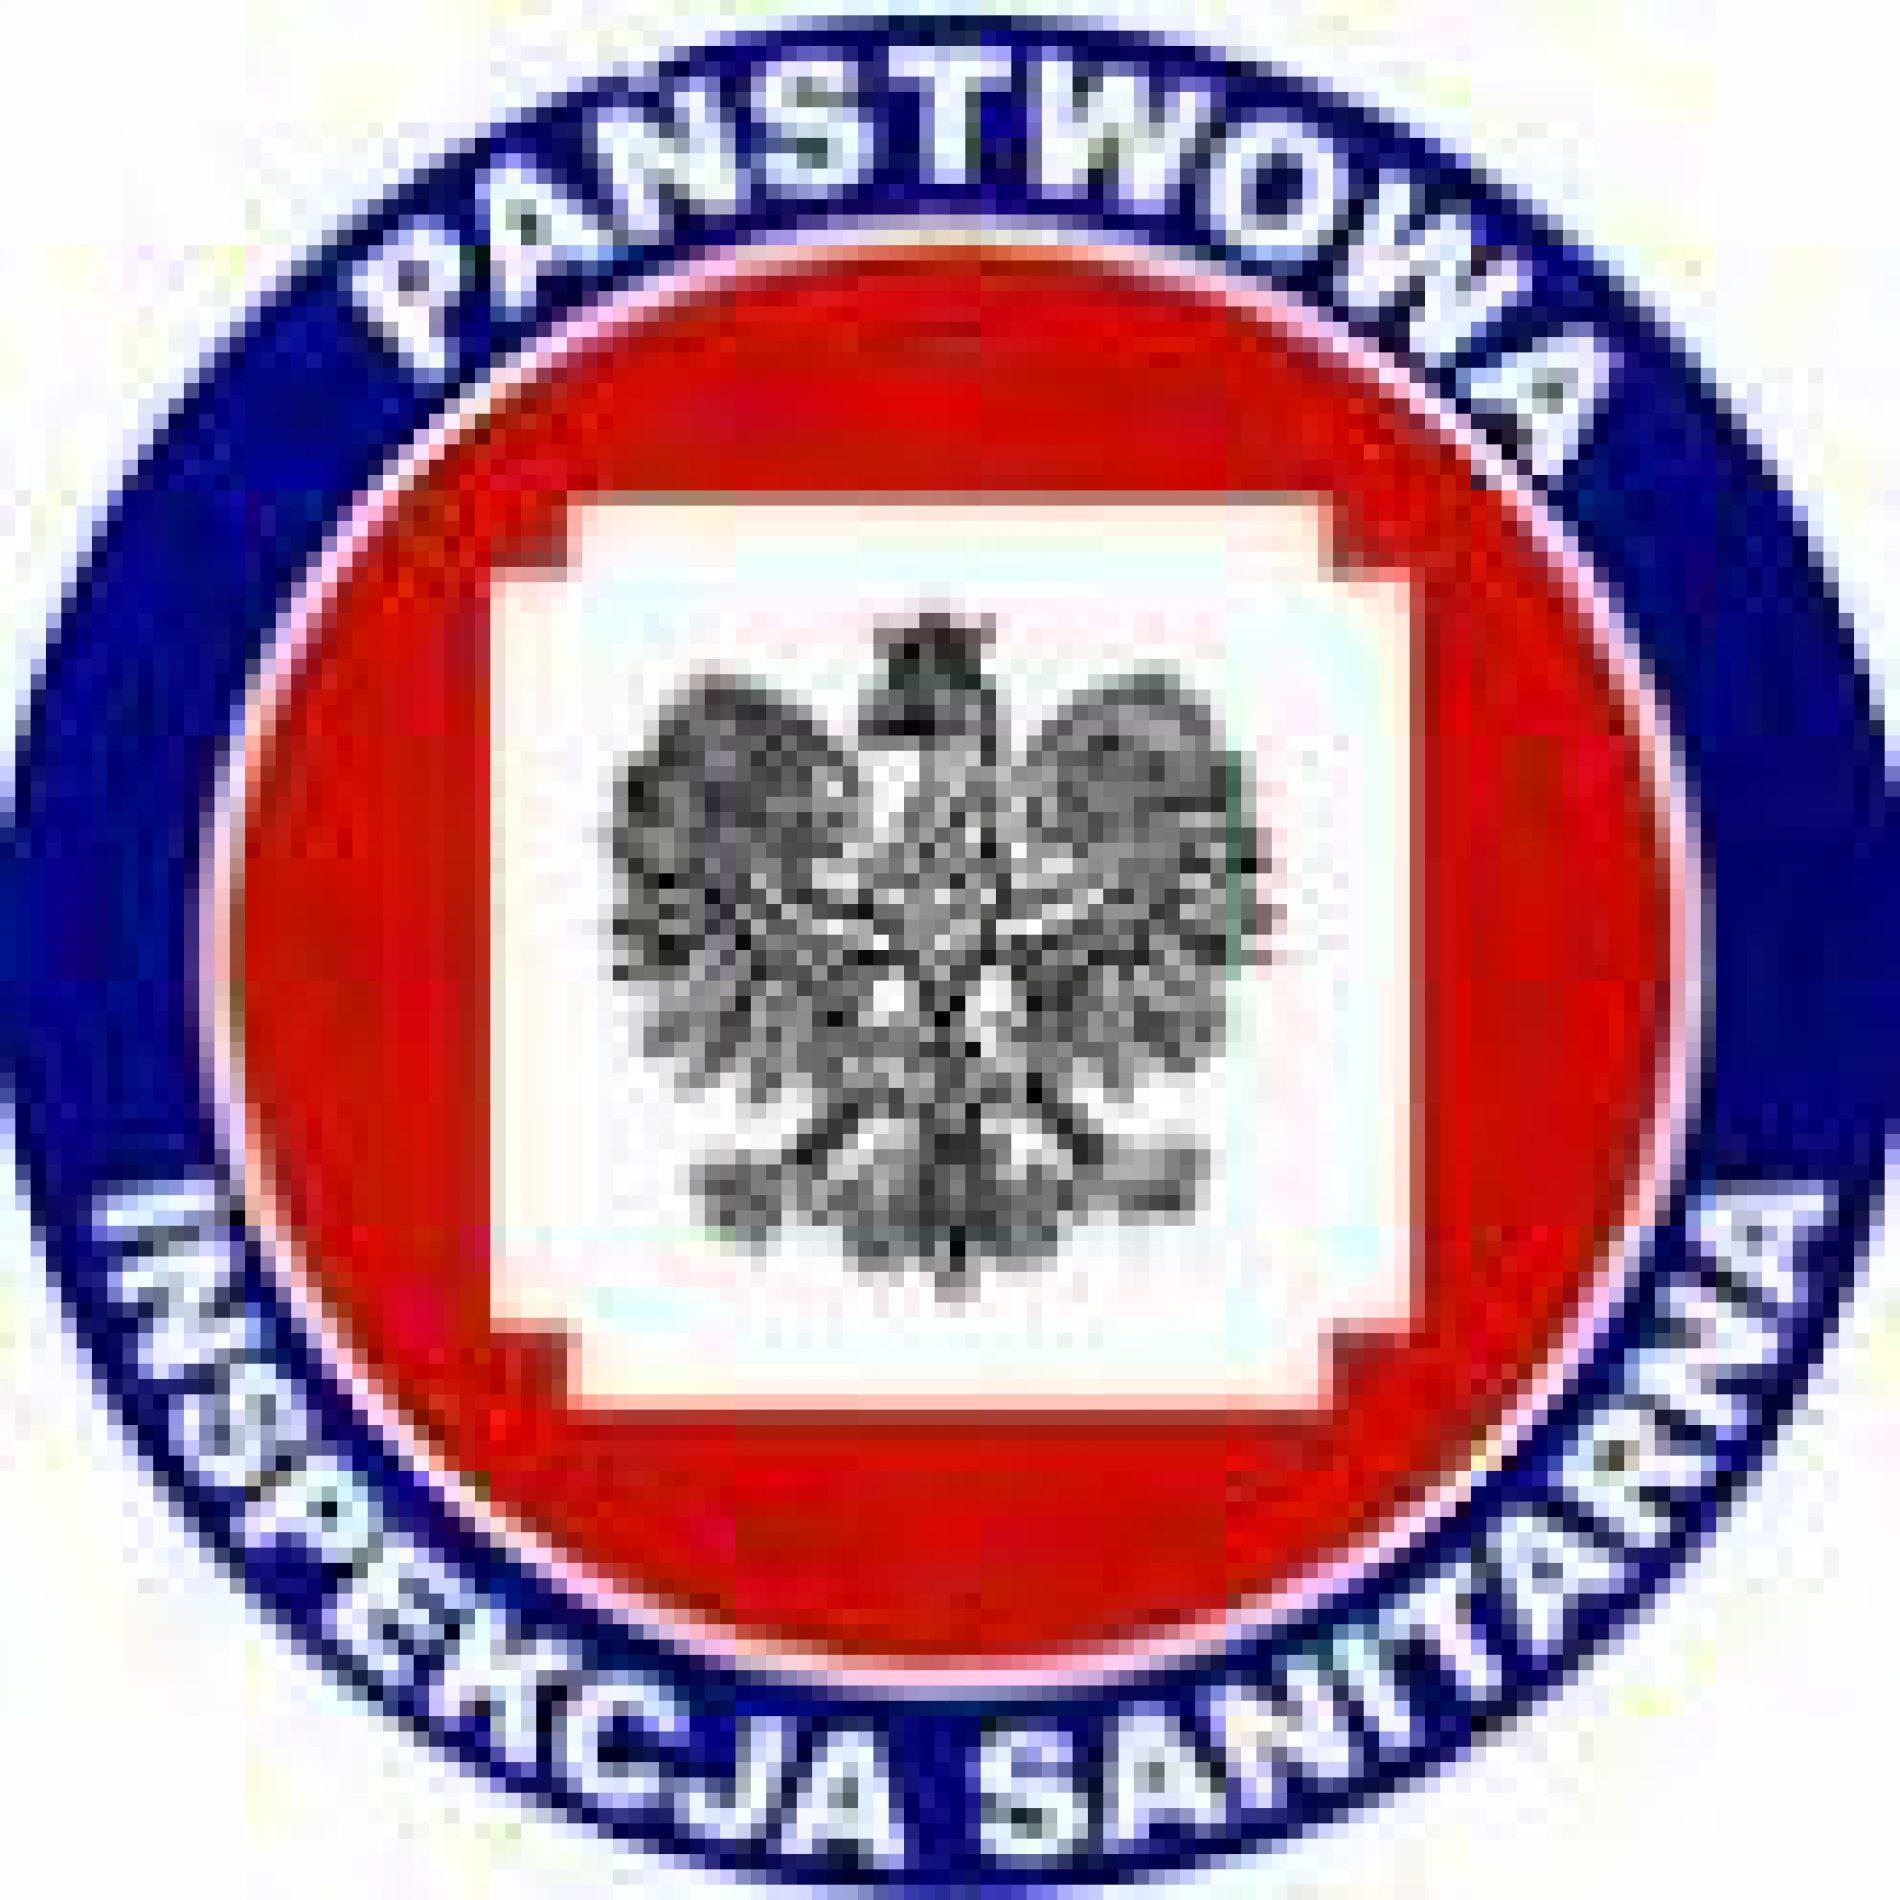 Wzrosła lista zakażonych koronawirusem w Polsce